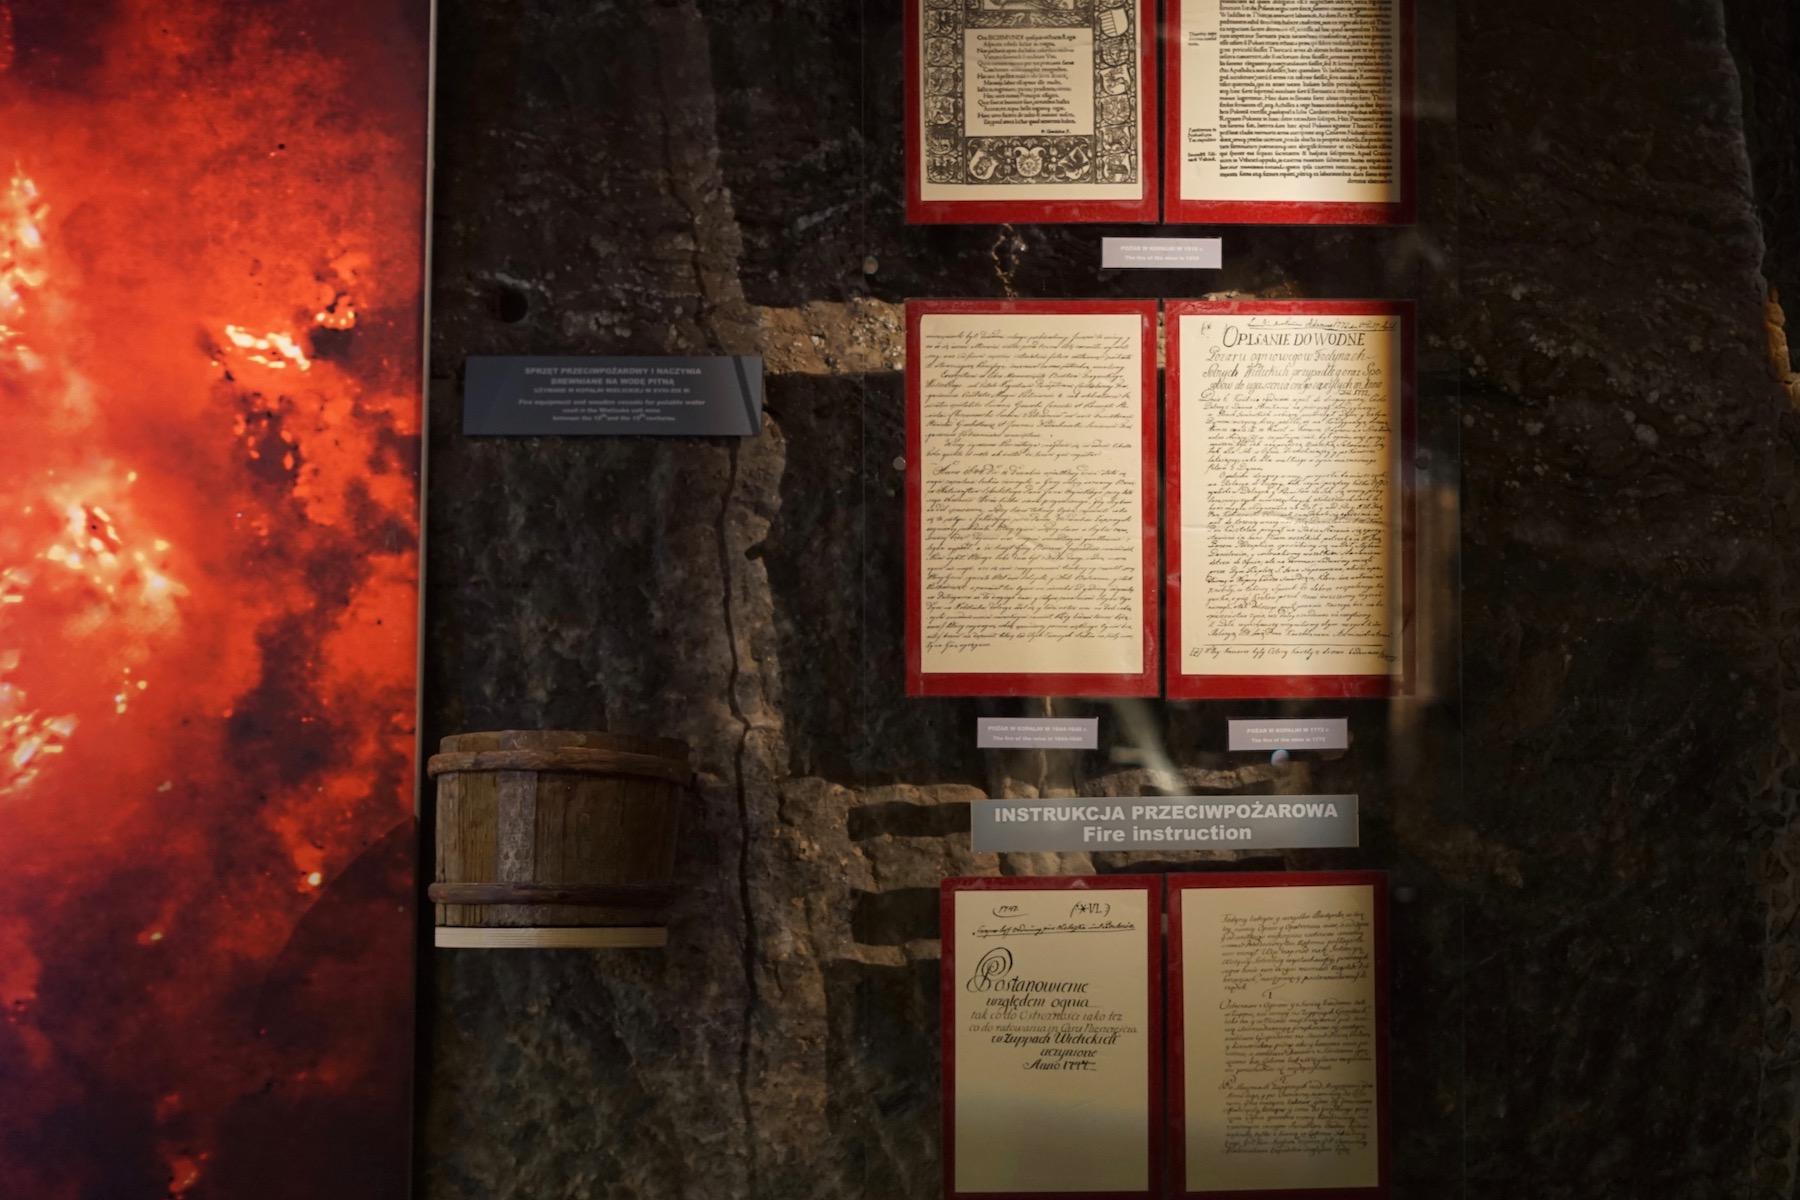 Spotkanie: Pożary wielickie do 1914